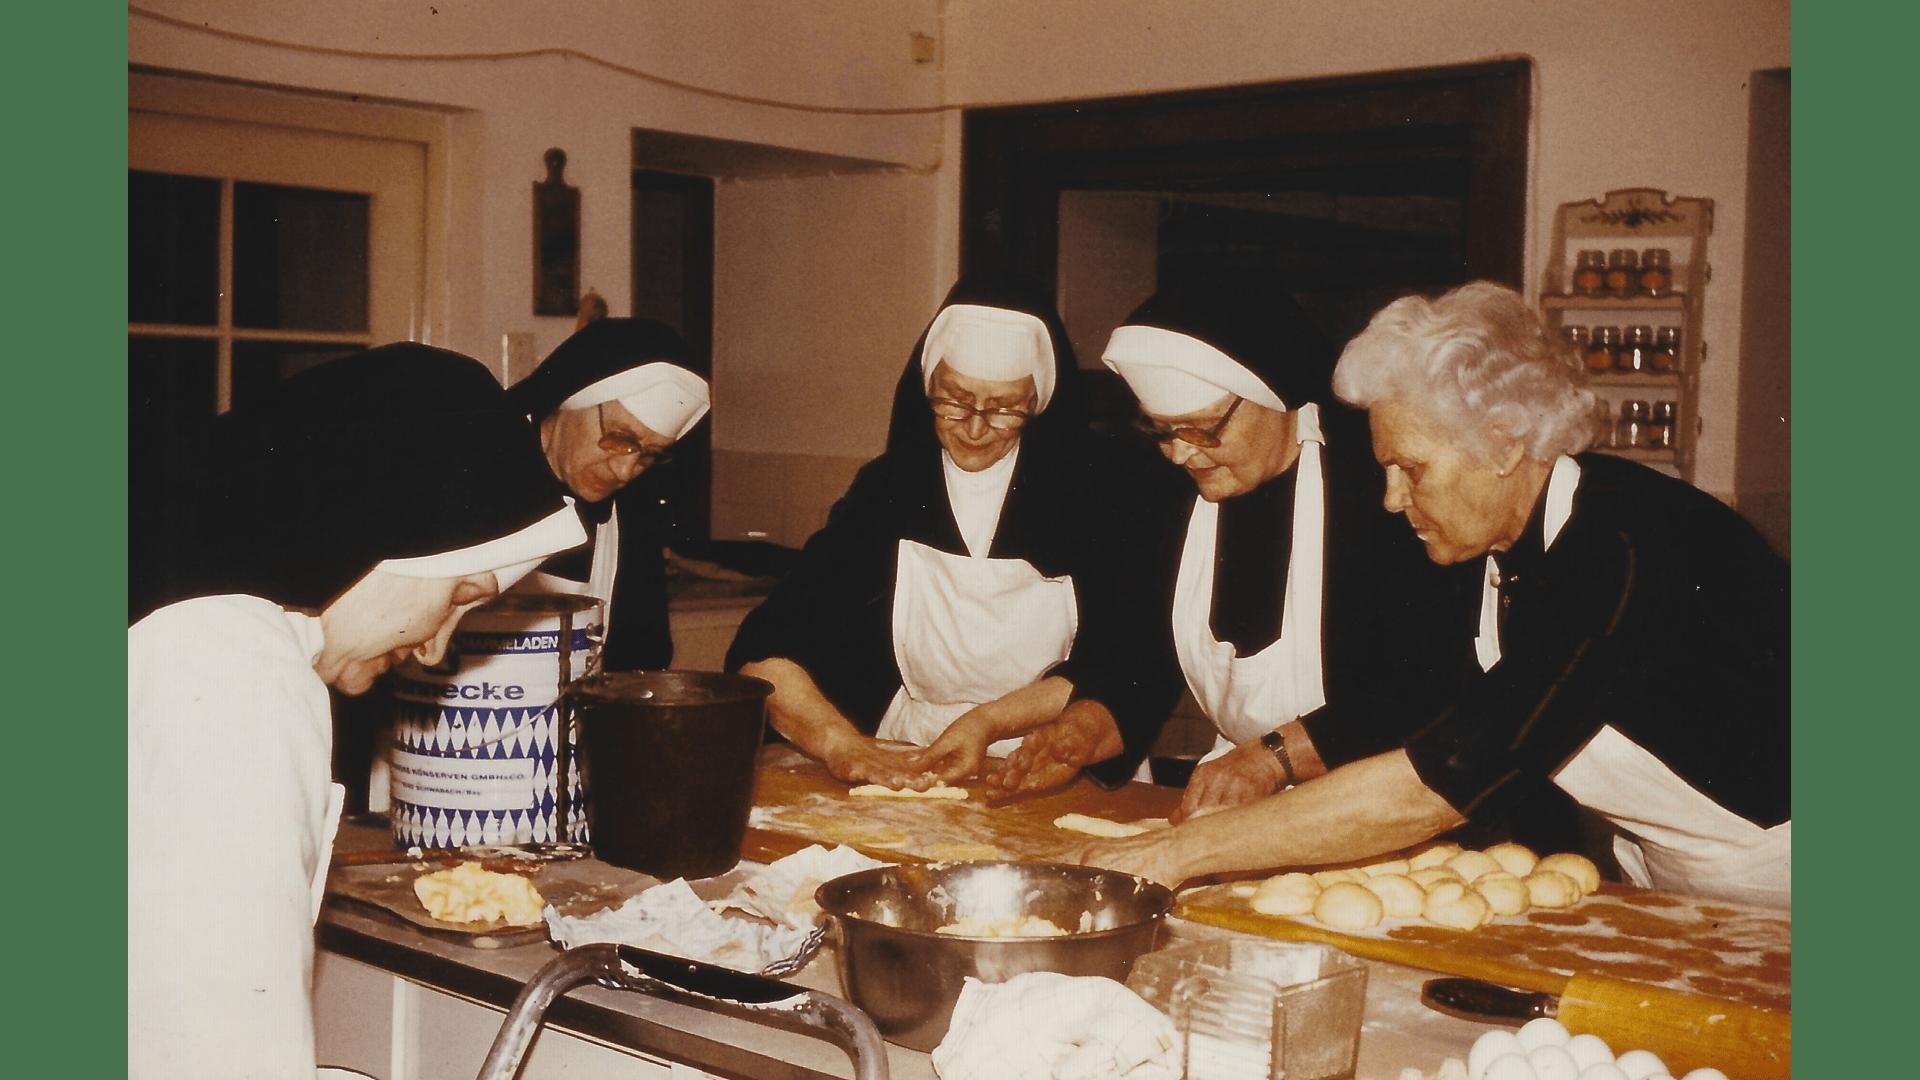 Teamarbeit mit Kurgästen  -Butterhörnchen zum Stehempfang 1978 Foto: Archiv Arme Schulschwestern